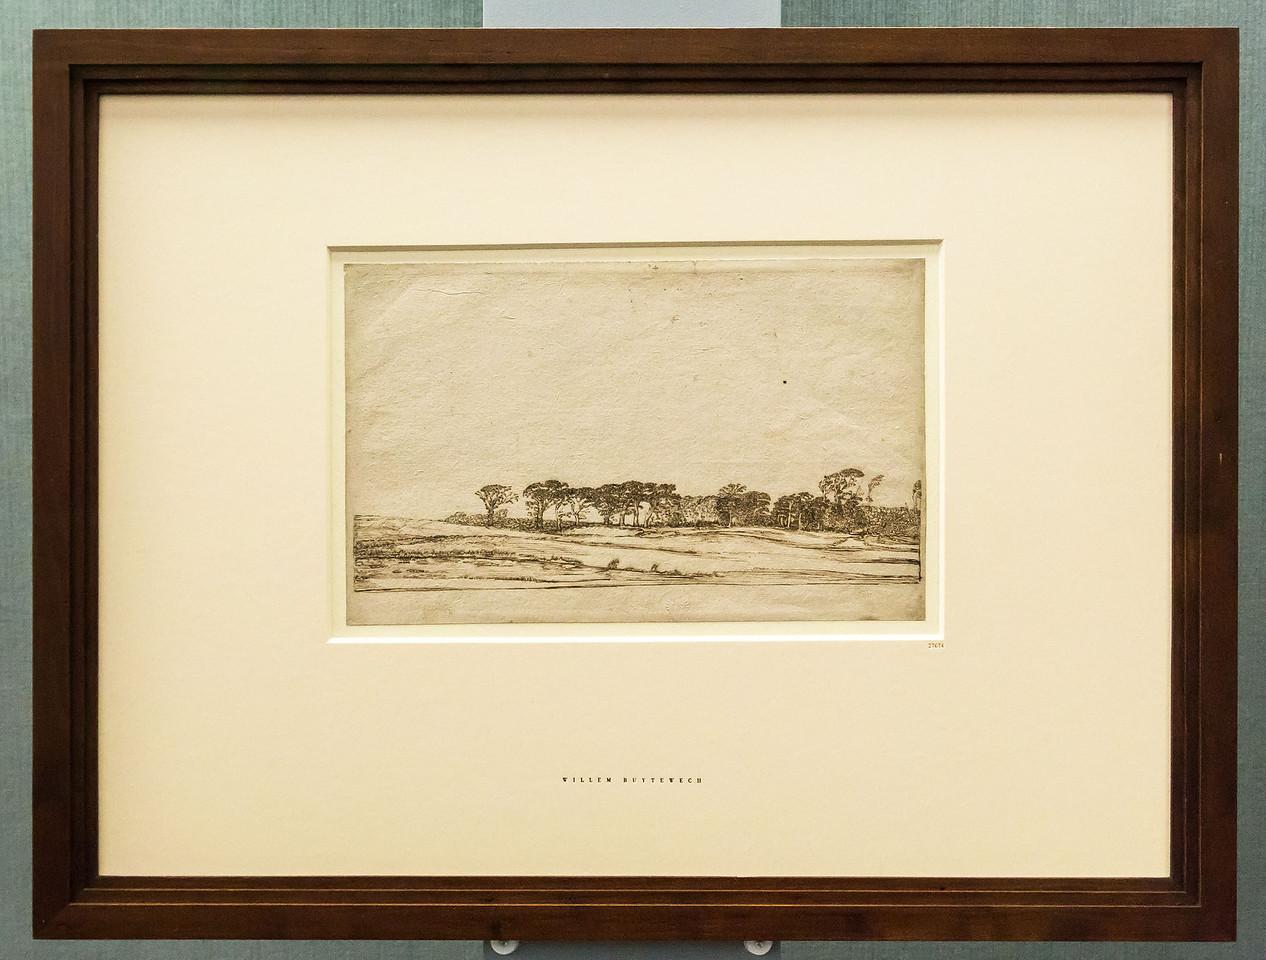 Willem Buytewech: Landschaft mit Baumreihe [um 1617-1622, Feder, Kupferstichkabinett Berlin]